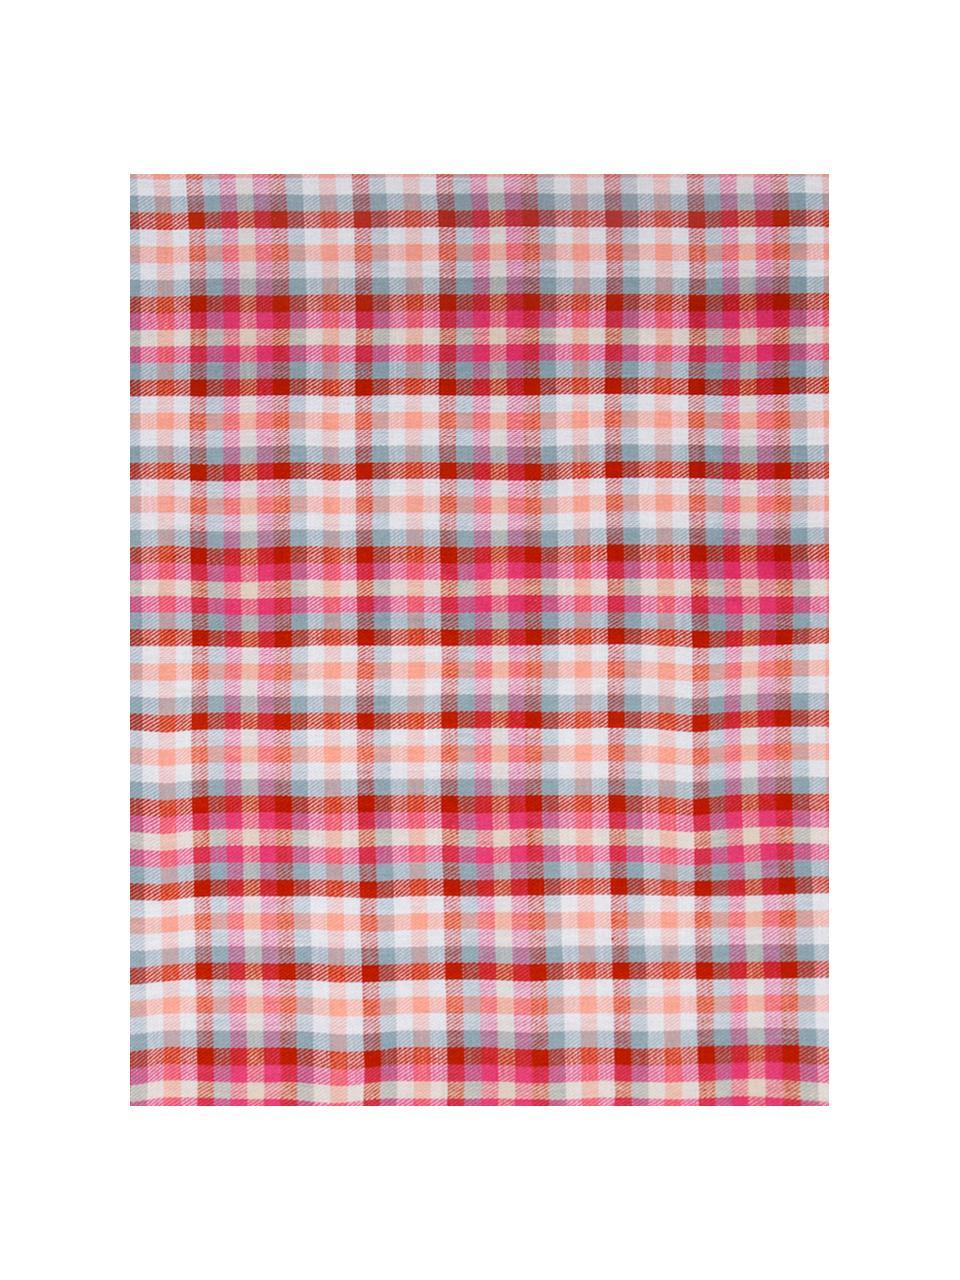 Coperta da picnic Clear, Retro: materiale sintetico, Rosso, bianco, rosa, menta, pesca, Larg. 130 x Lung. 170 cm